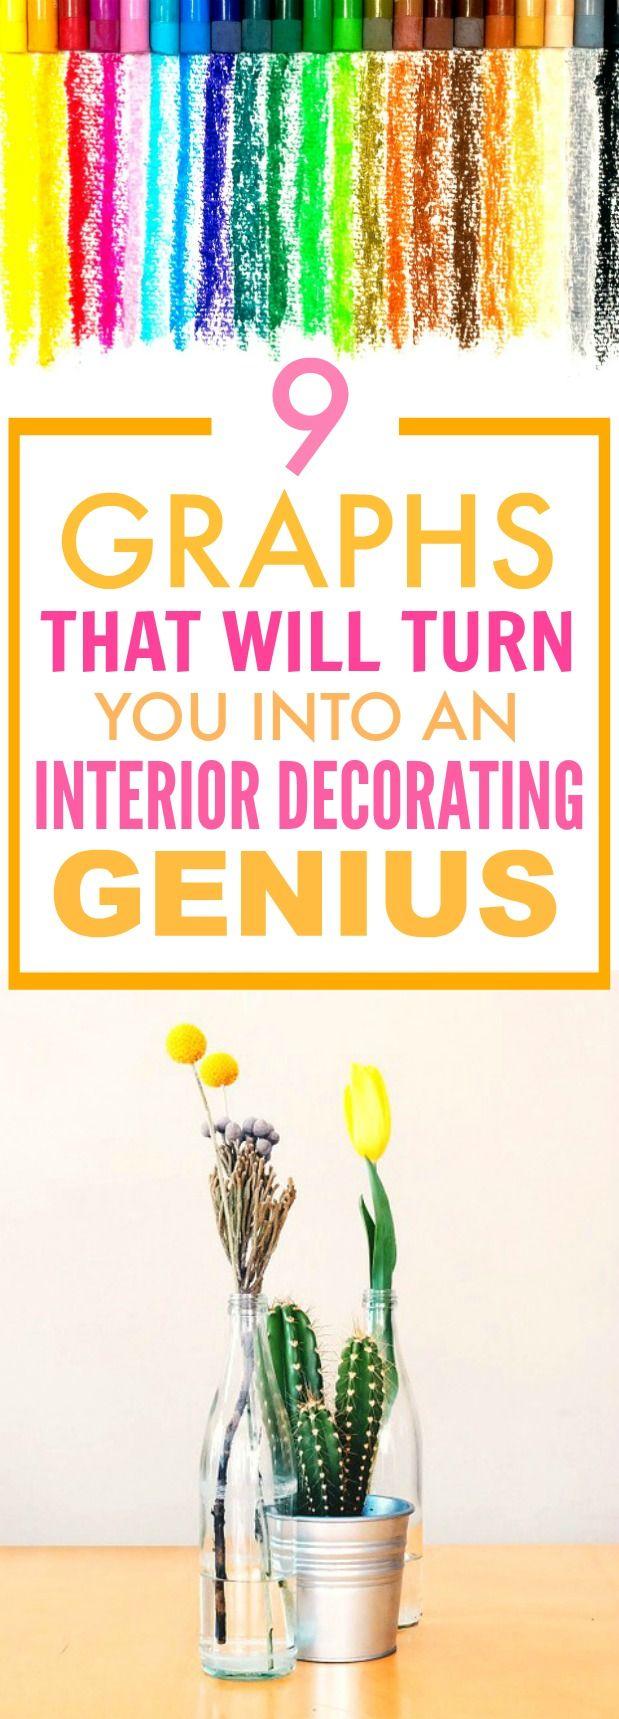 Best Ideas About Interior Design Kitchen On Pinterest House - Home designs interior